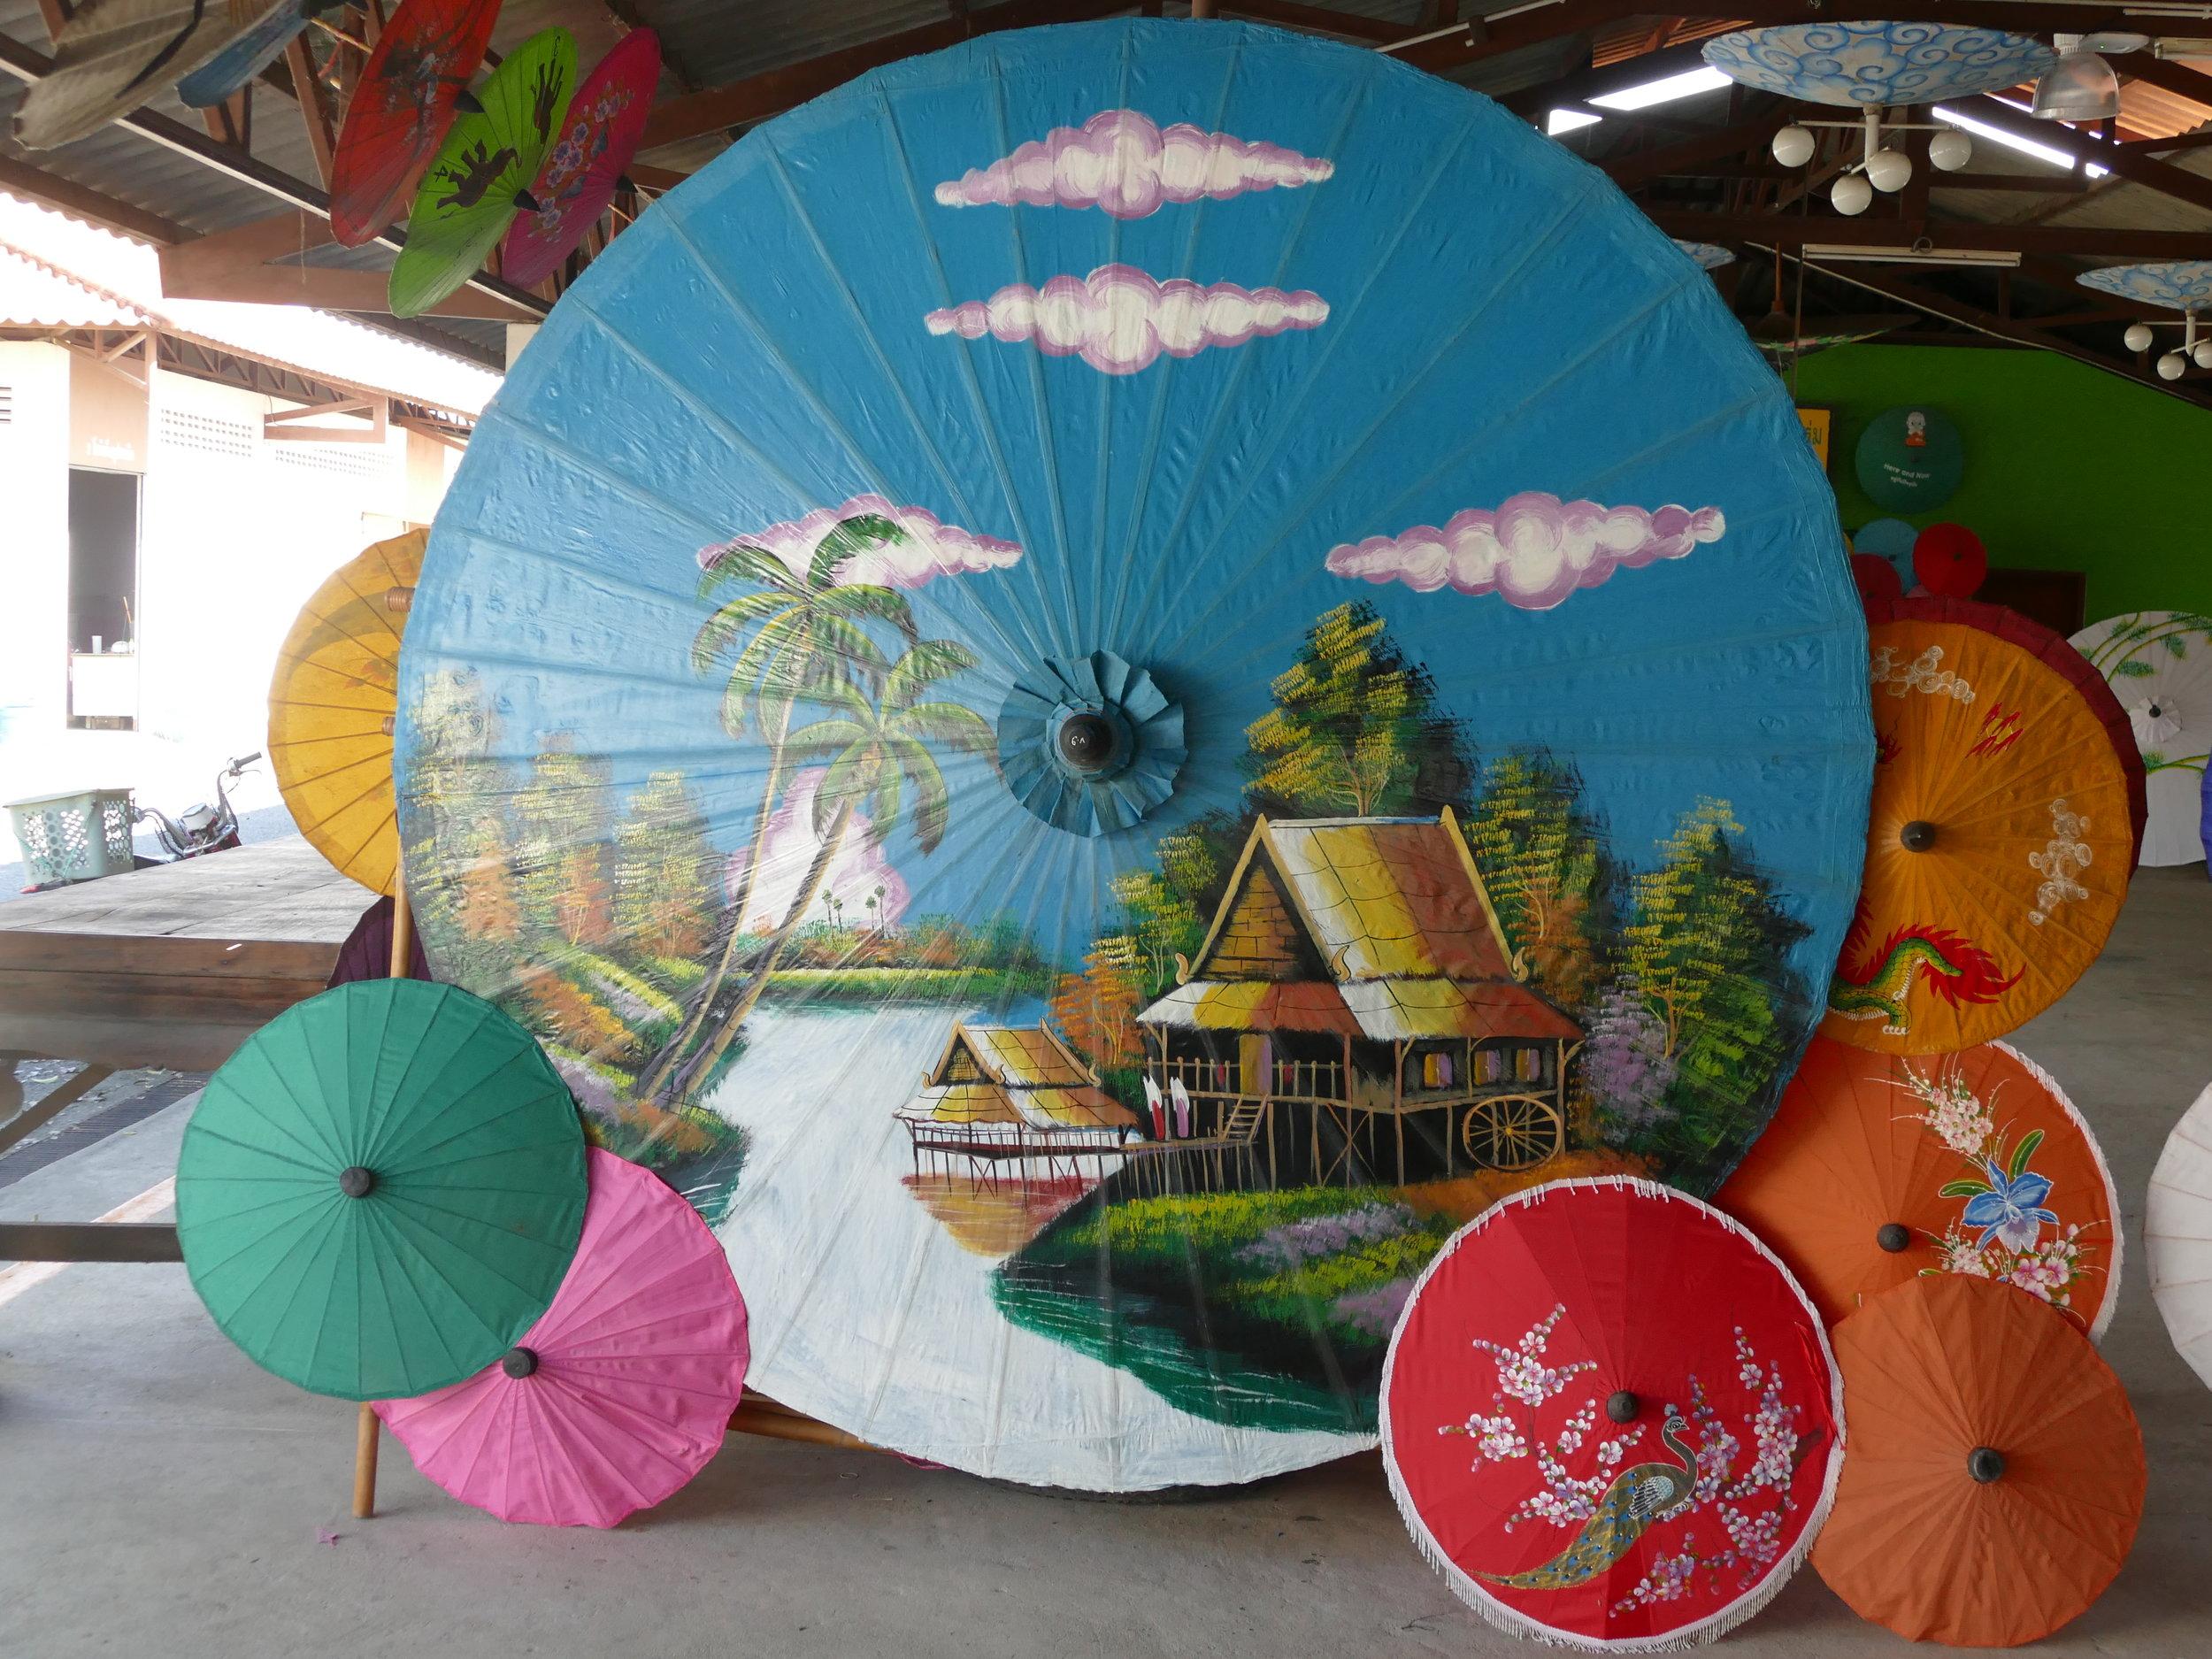 Vitesse datant de Chiang mai